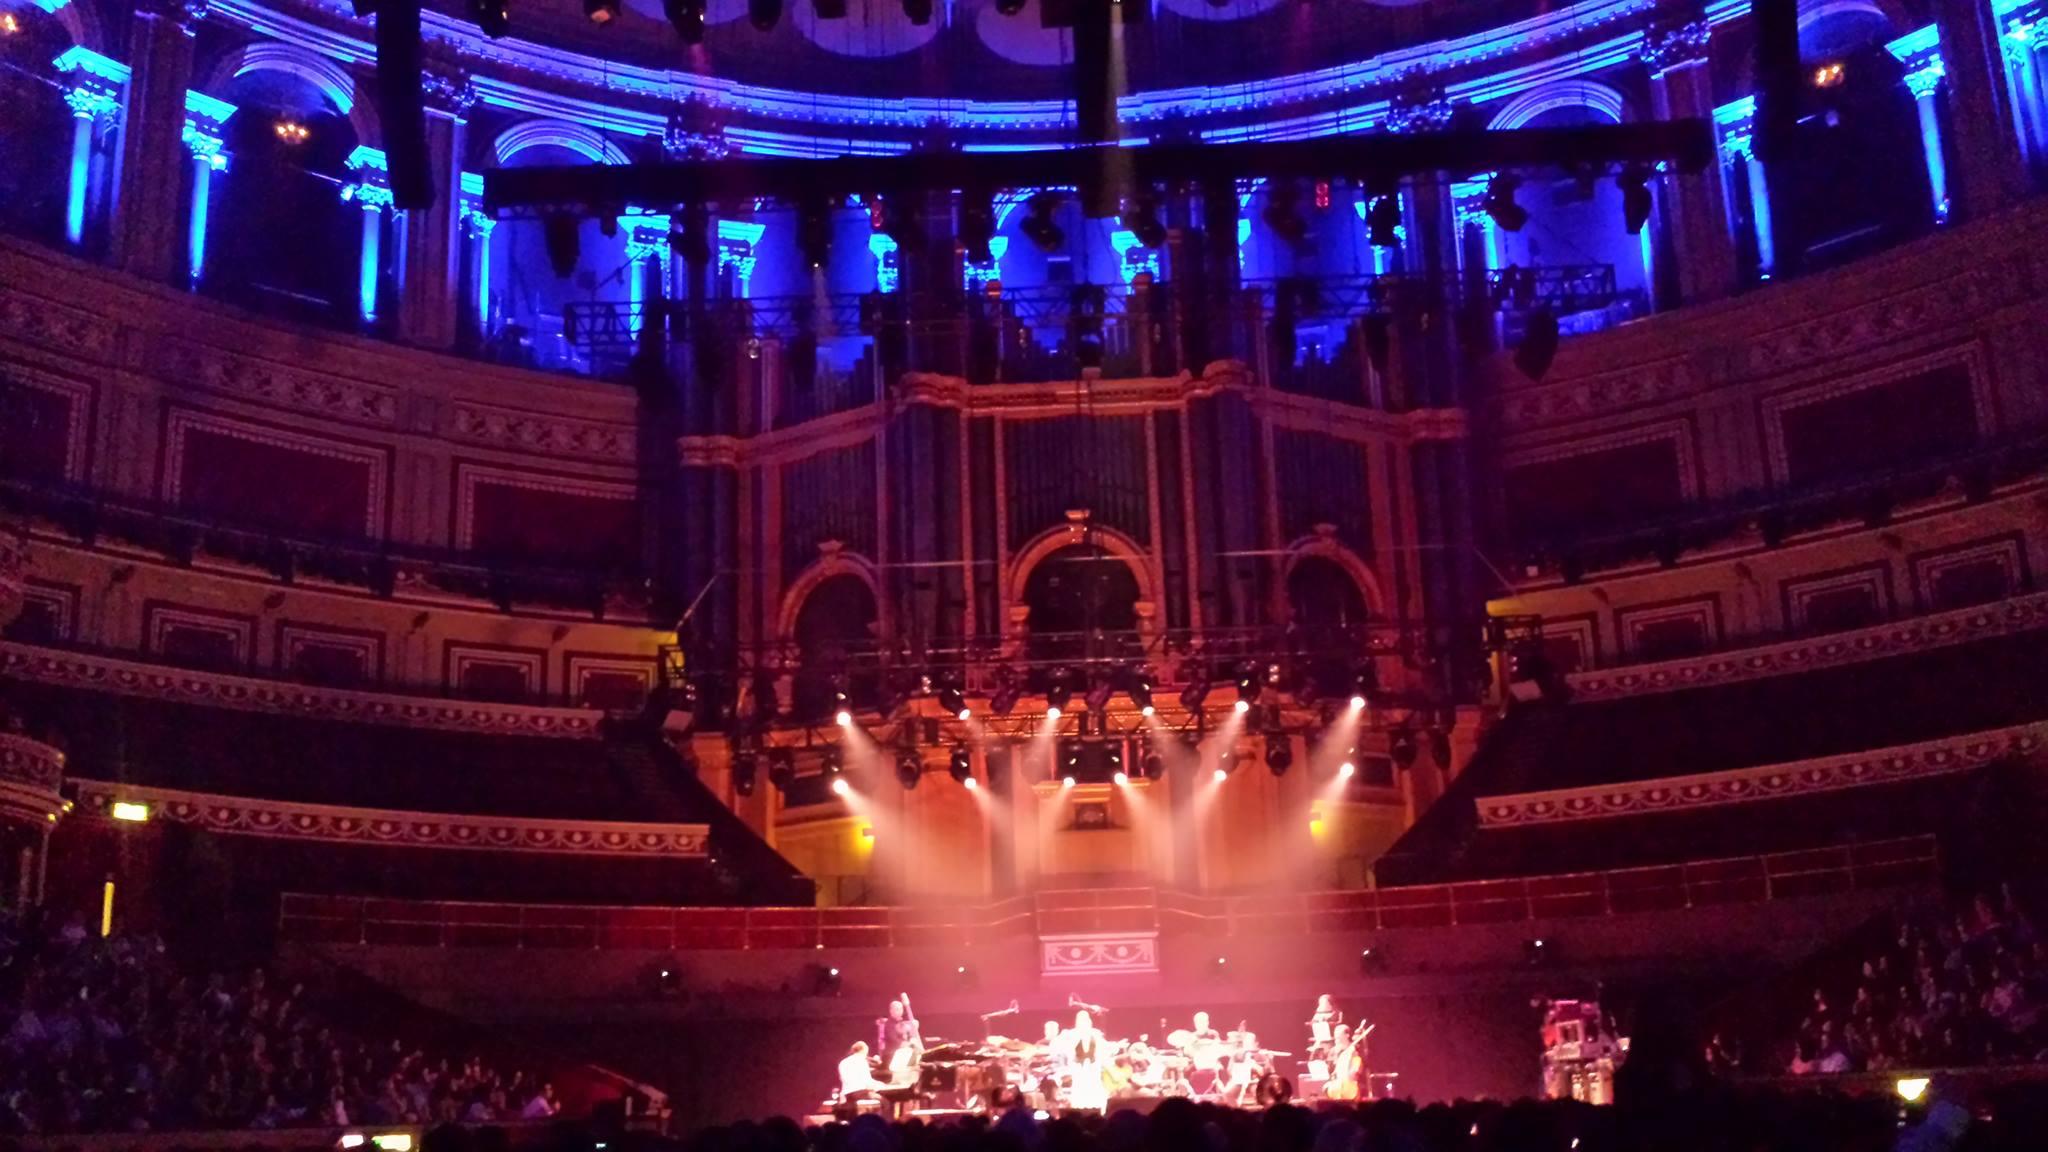 Royal Albert Hall, 2013